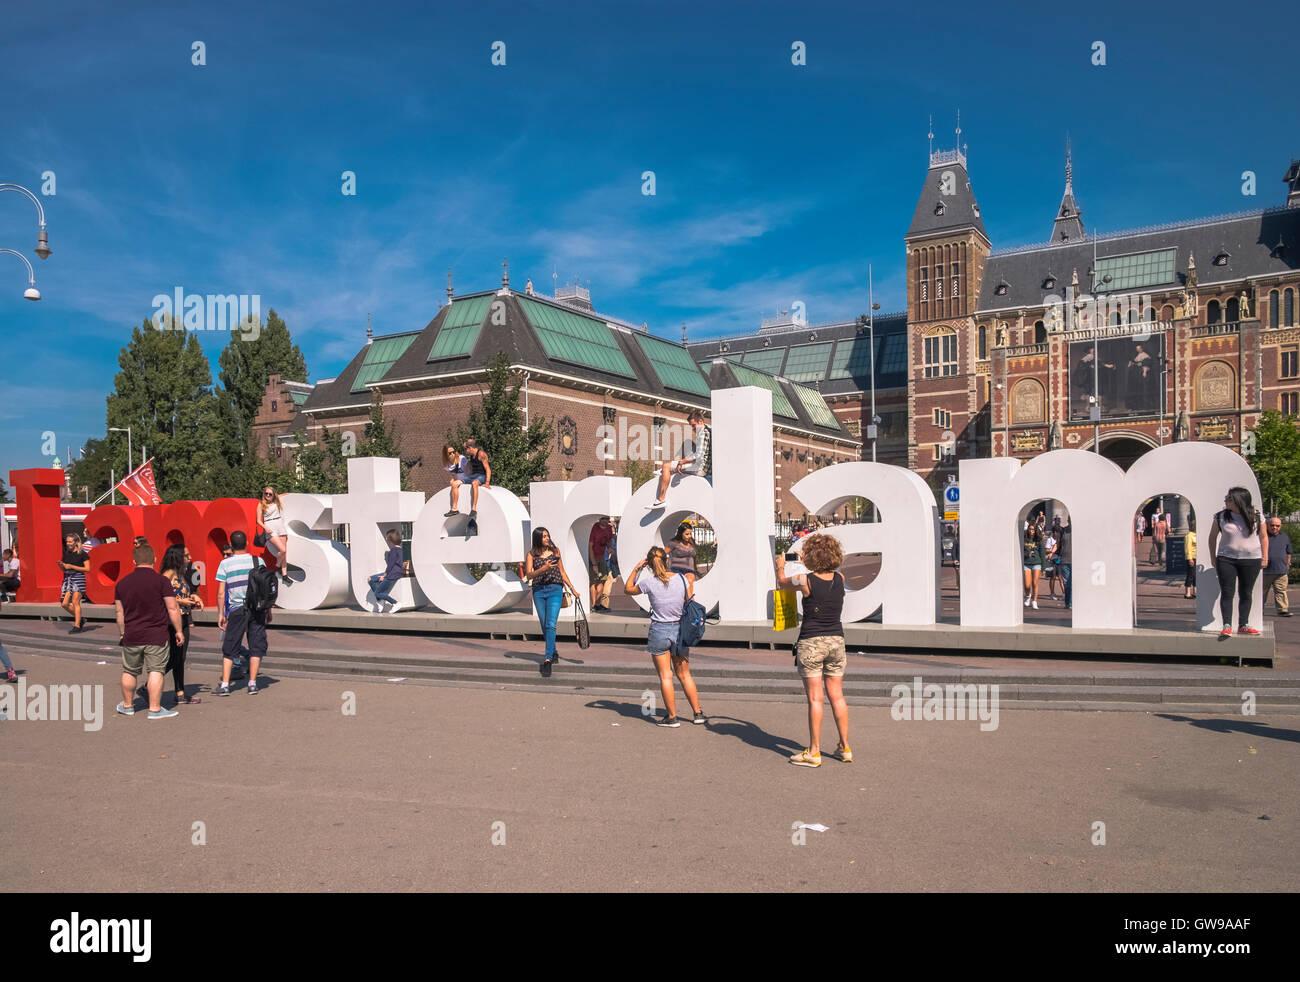 Les touristes grimper et s'asseoir sur la carte I Amsterdam signalisation, Quartier des musées, Amsterdam, Pays-Bas Banque D'Images